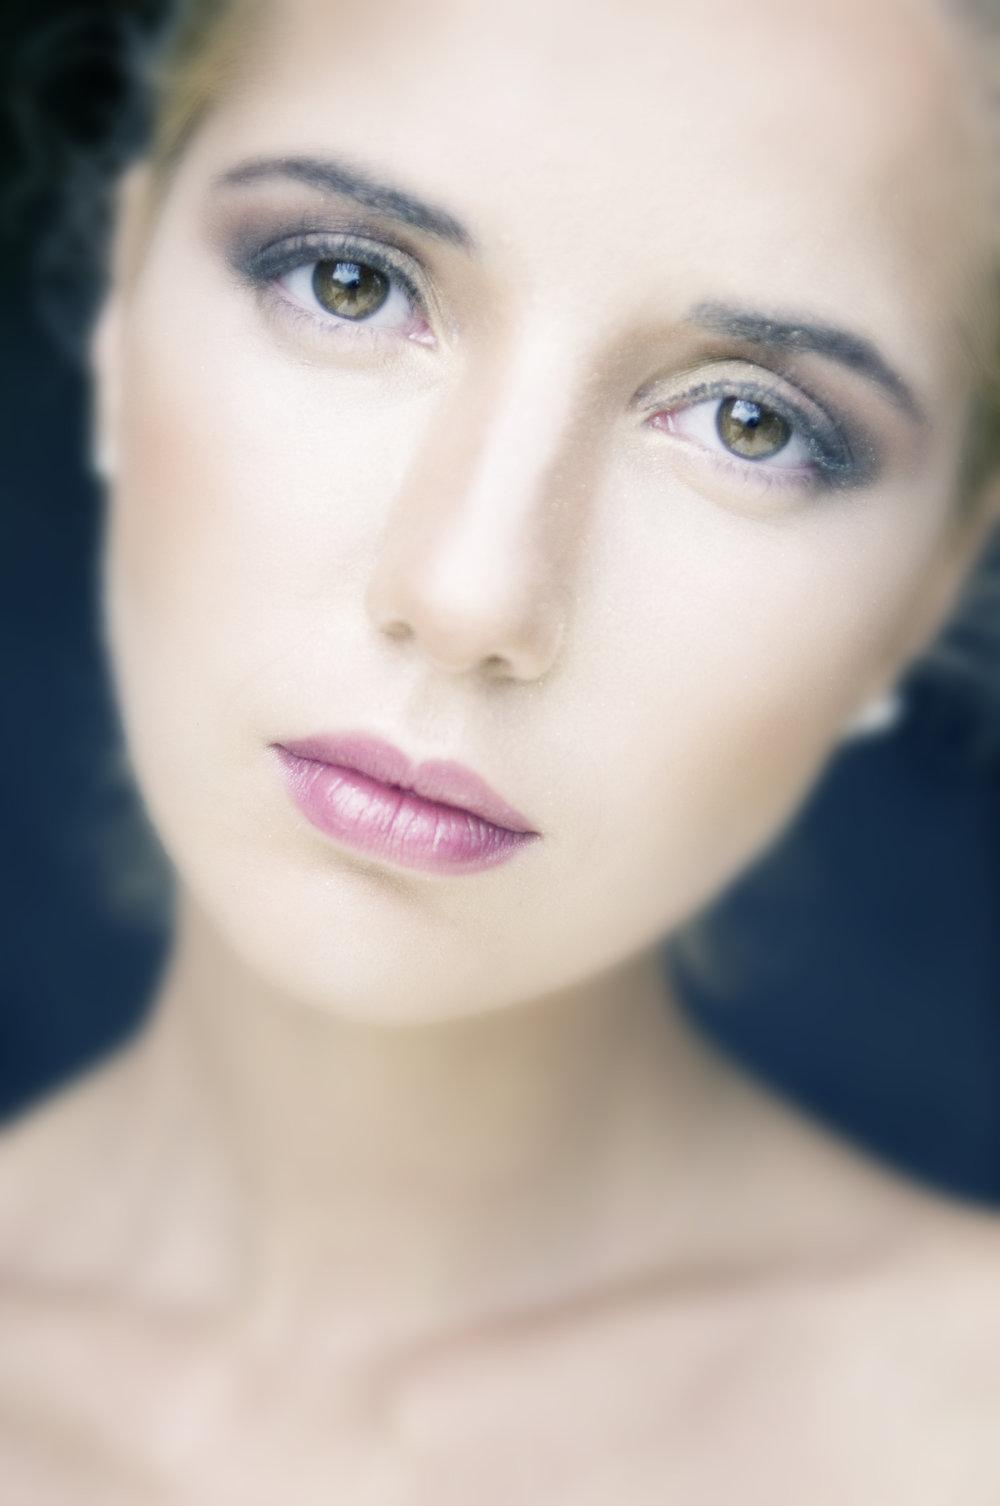 beauty-photographer-available-light.jpg